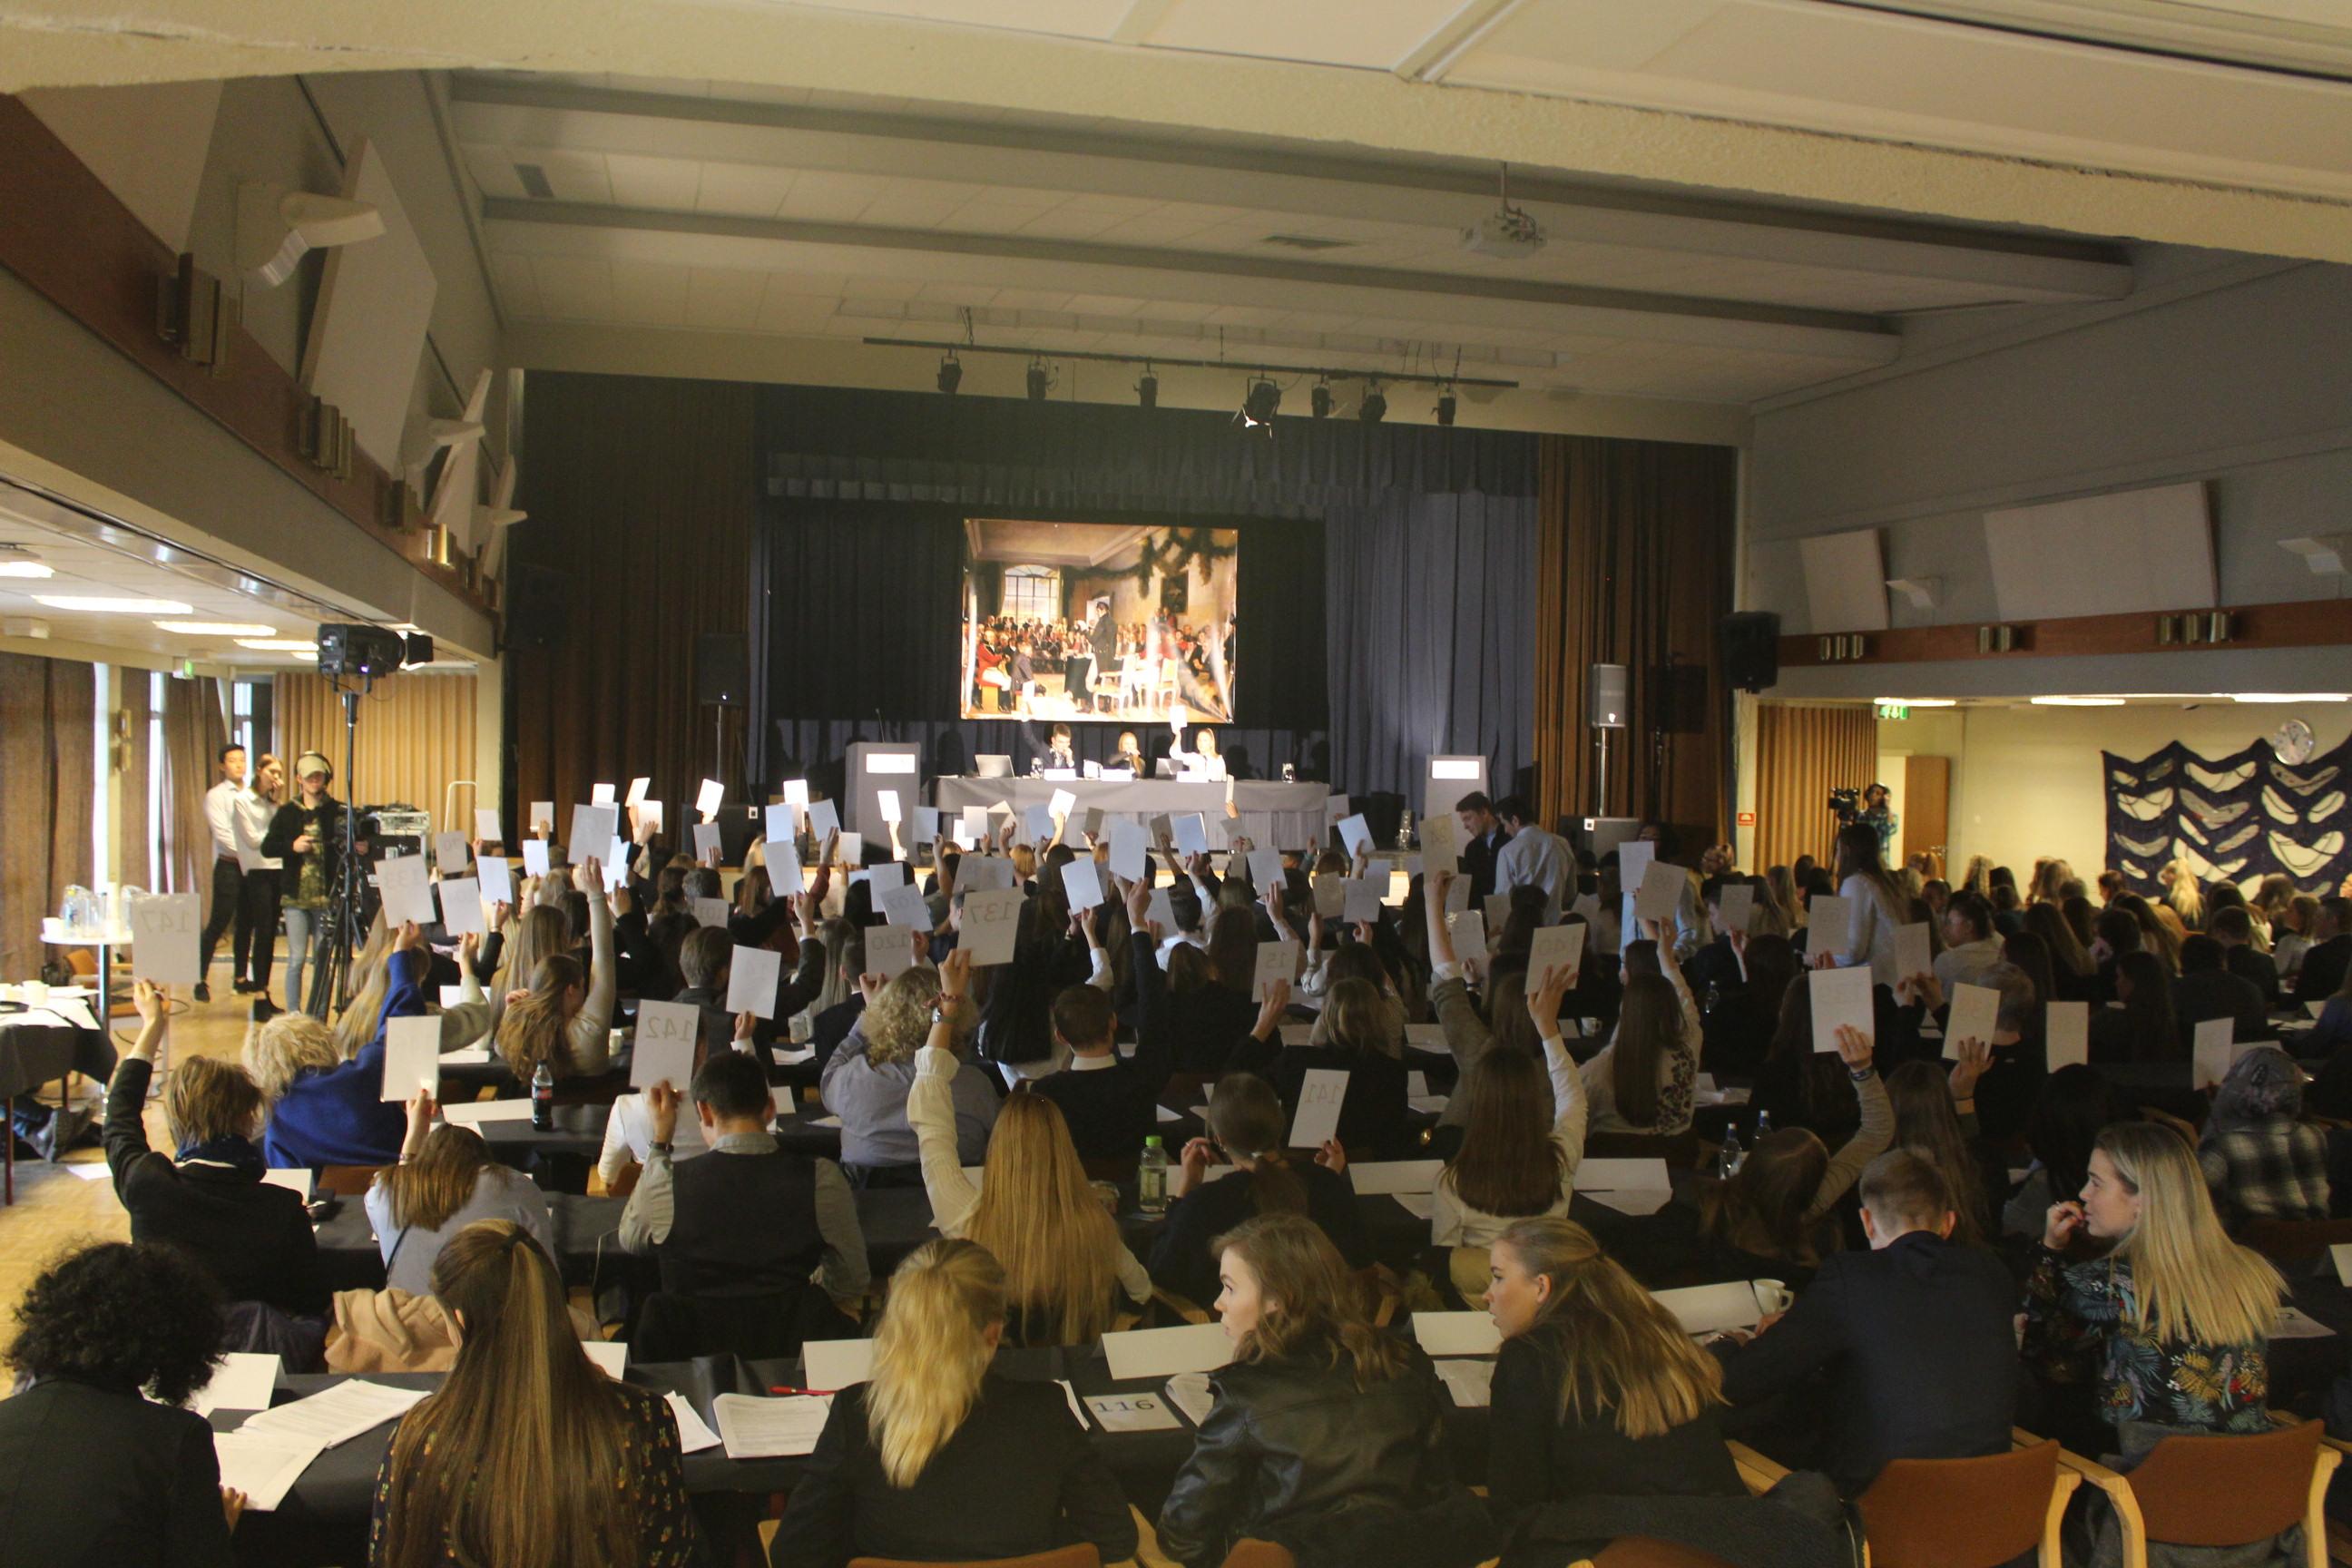 Resultatet av dagens andre runde av plenumsdebatt og votering